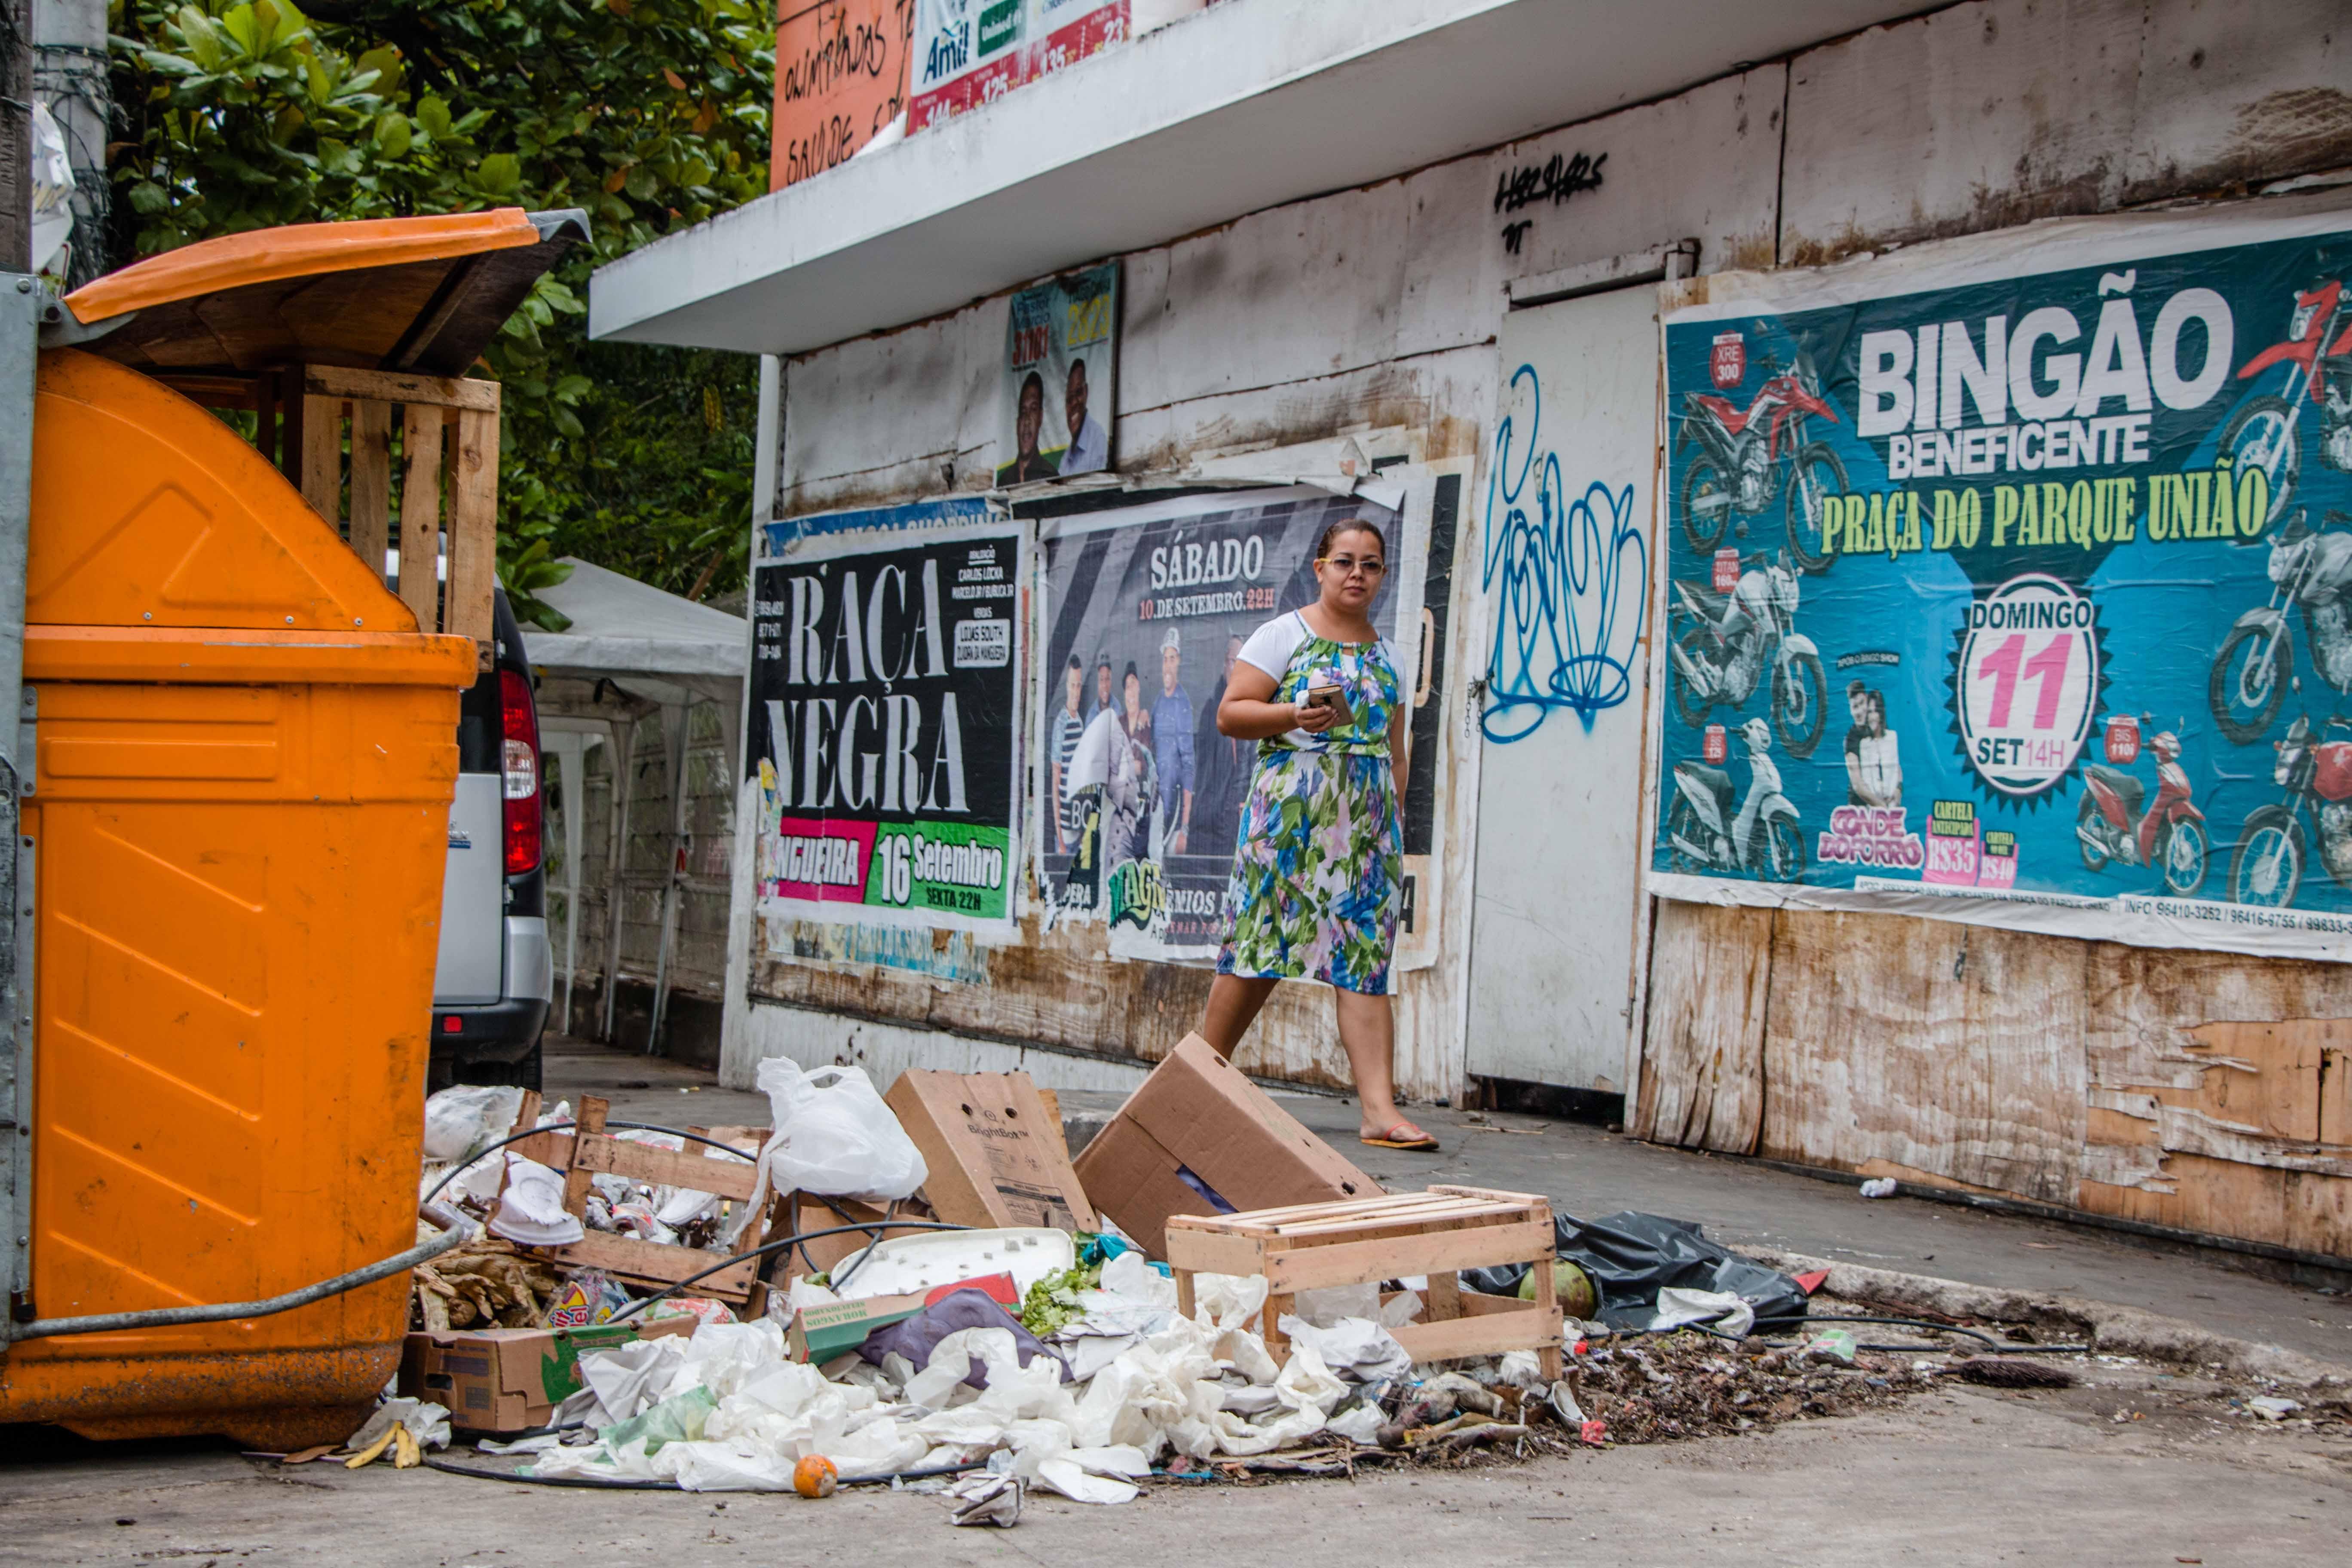 Prefeitura do Rio anuncia criação de projetos de reciclagem em favelas